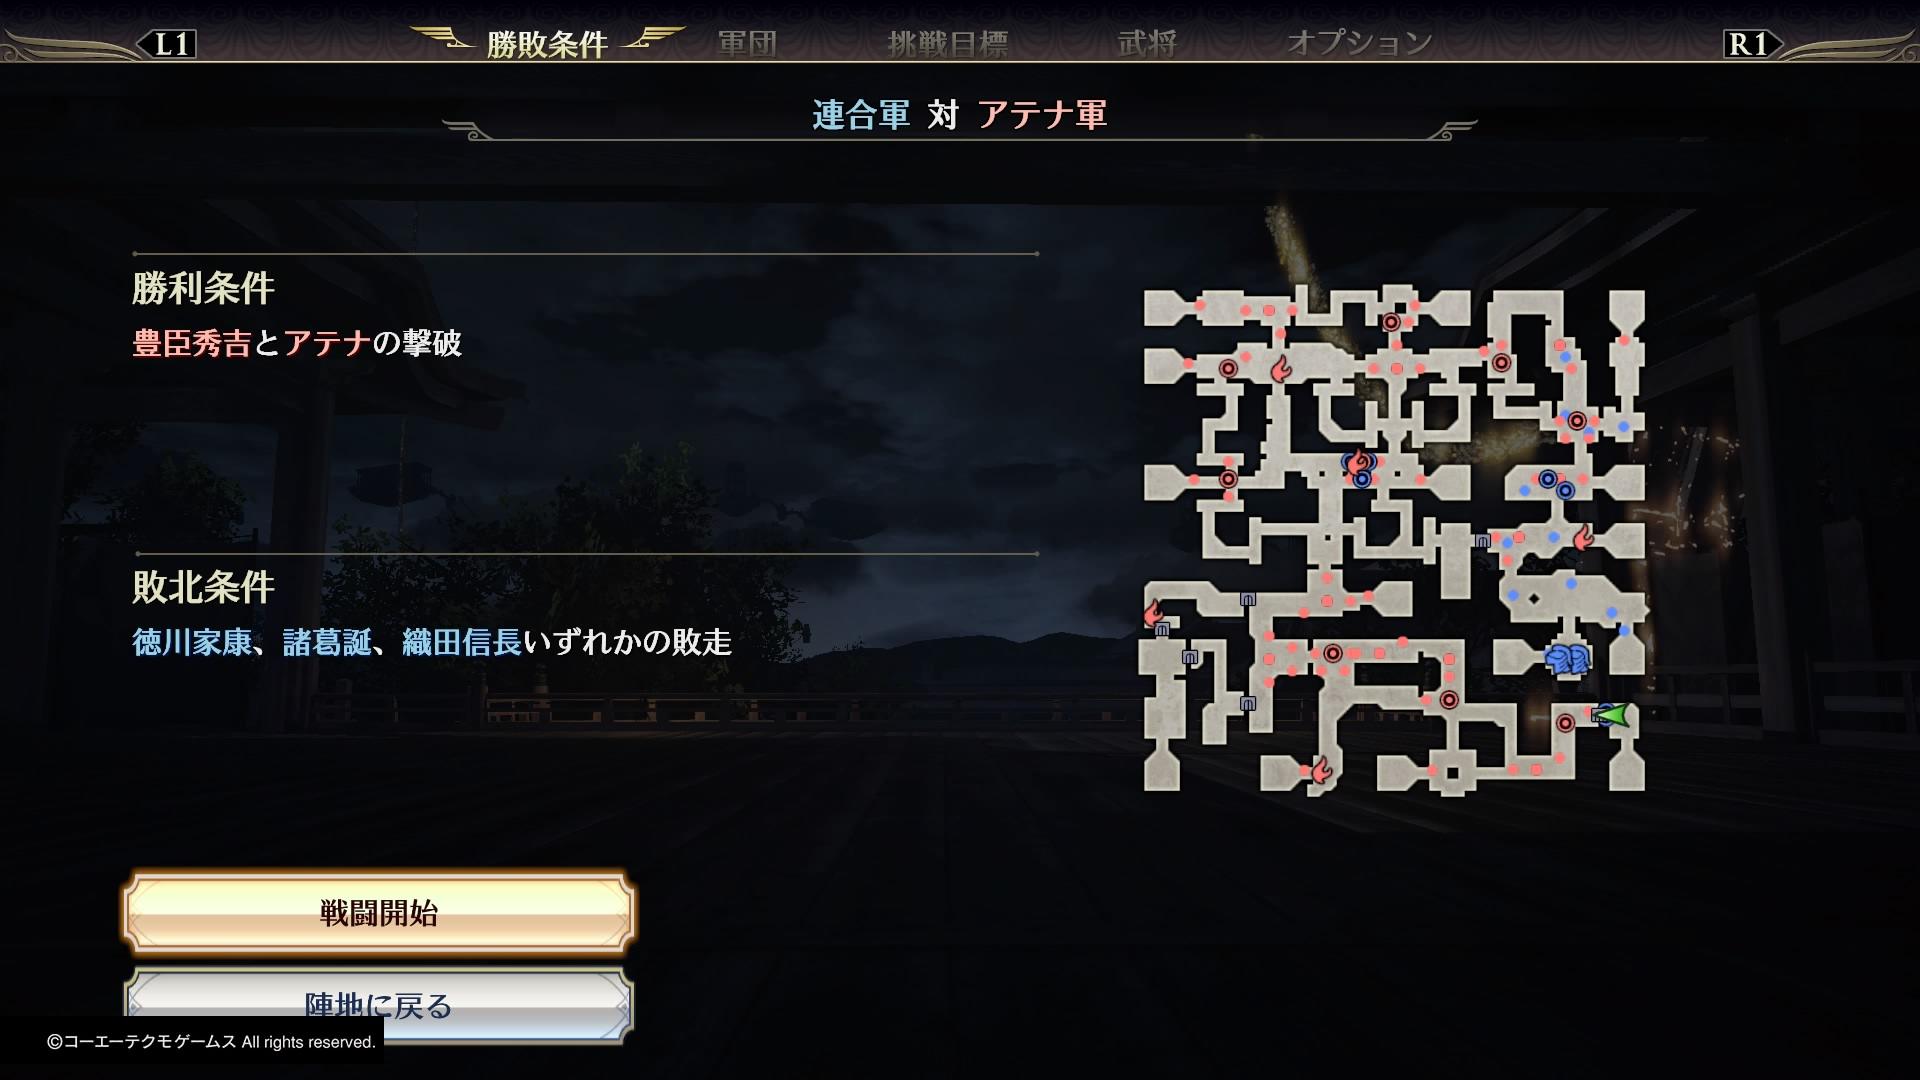 無双オロチ3 ストーリー攻略 第3章 本能寺防衛戦